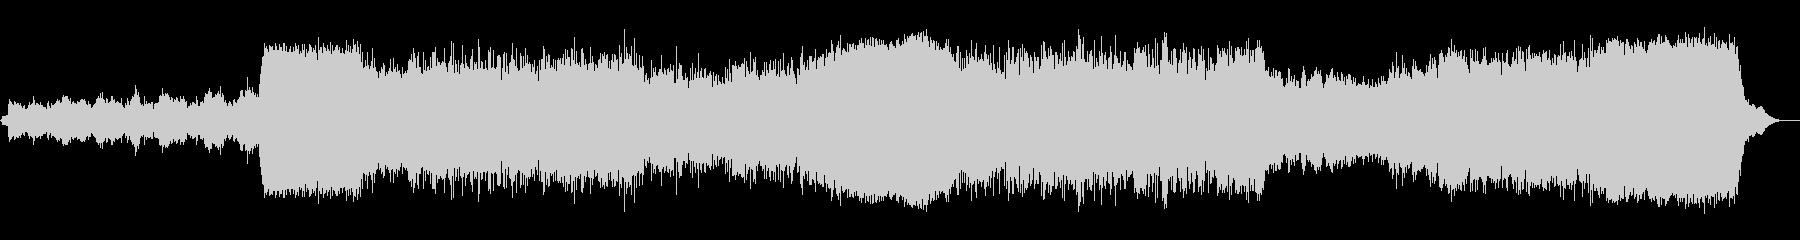 いくつかのムード/シーンの変化で構...の未再生の波形